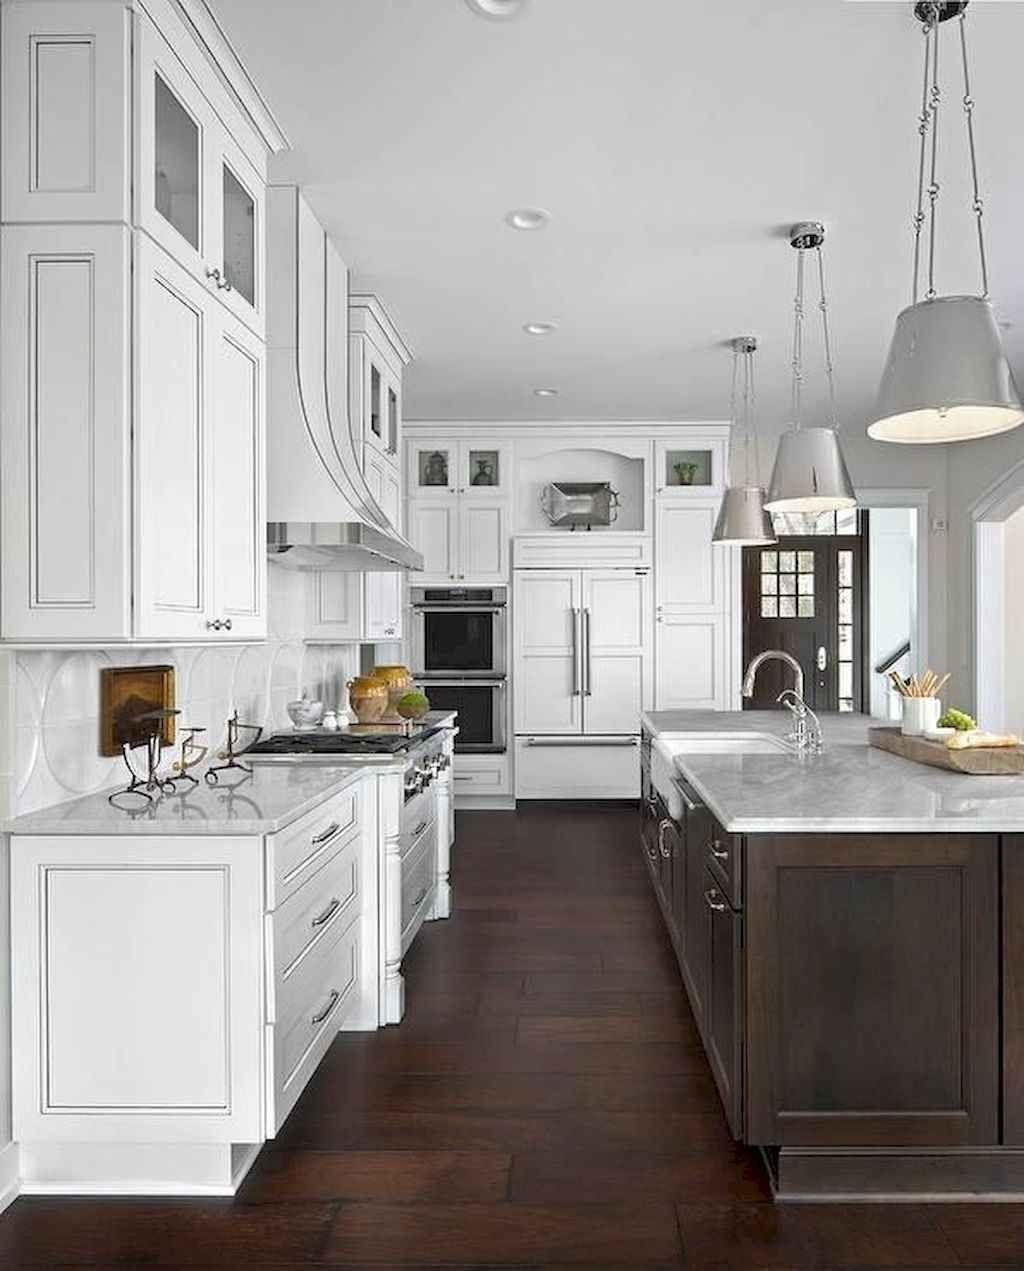 33 Modern Style Cozy Wooden Kitchen Design Ideas: 20+ Elegant Farmhouse Kitchen Cabinet Makeover Design